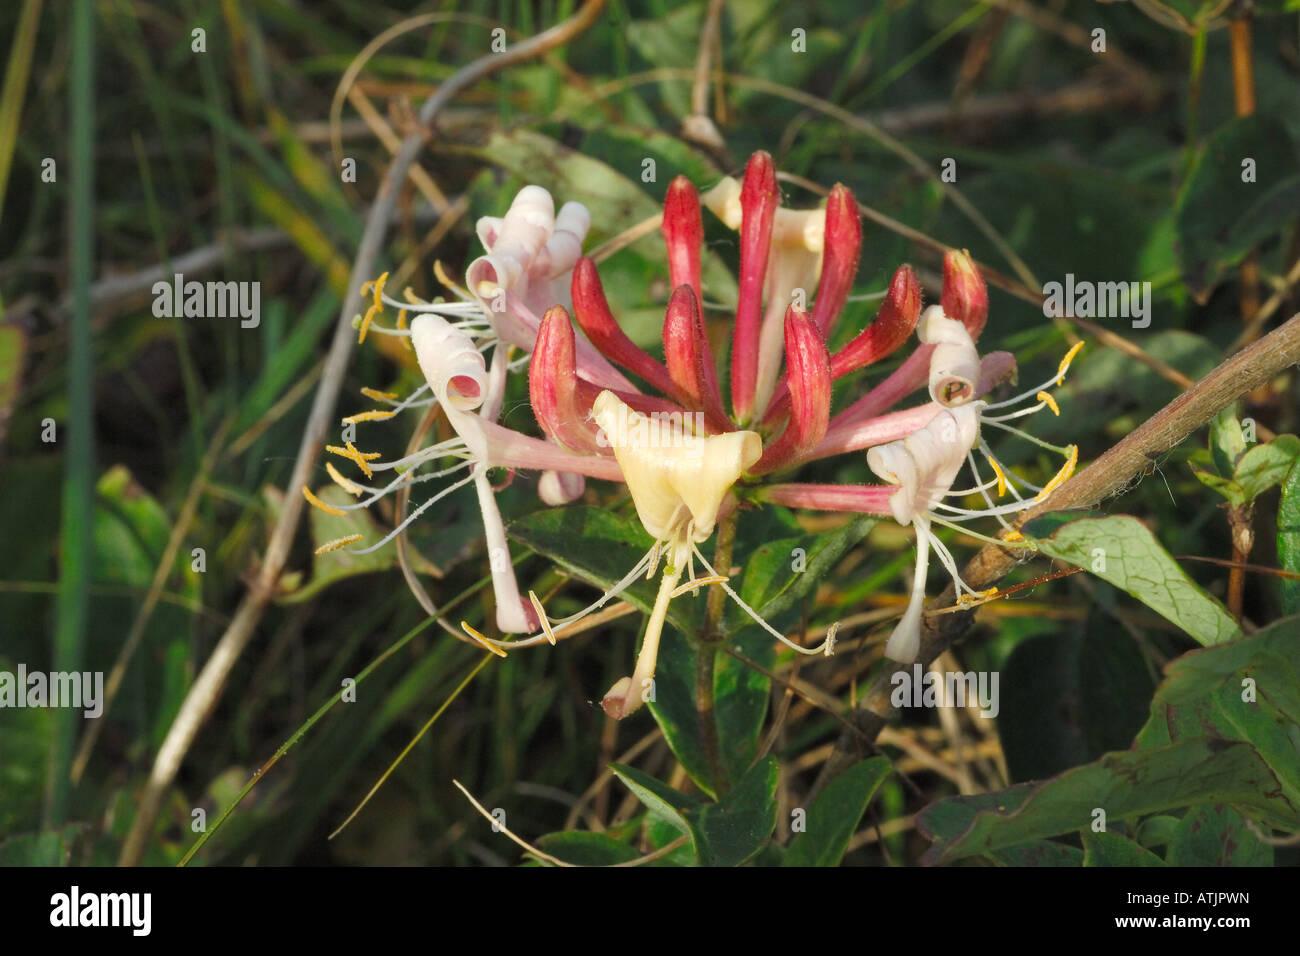 Caprifoglio Lonicera sp caprifoliaceae arbusto piante Texel isole Frisone Olanda Mare del Nord mare di Wadden BENELUX Immagini Stock